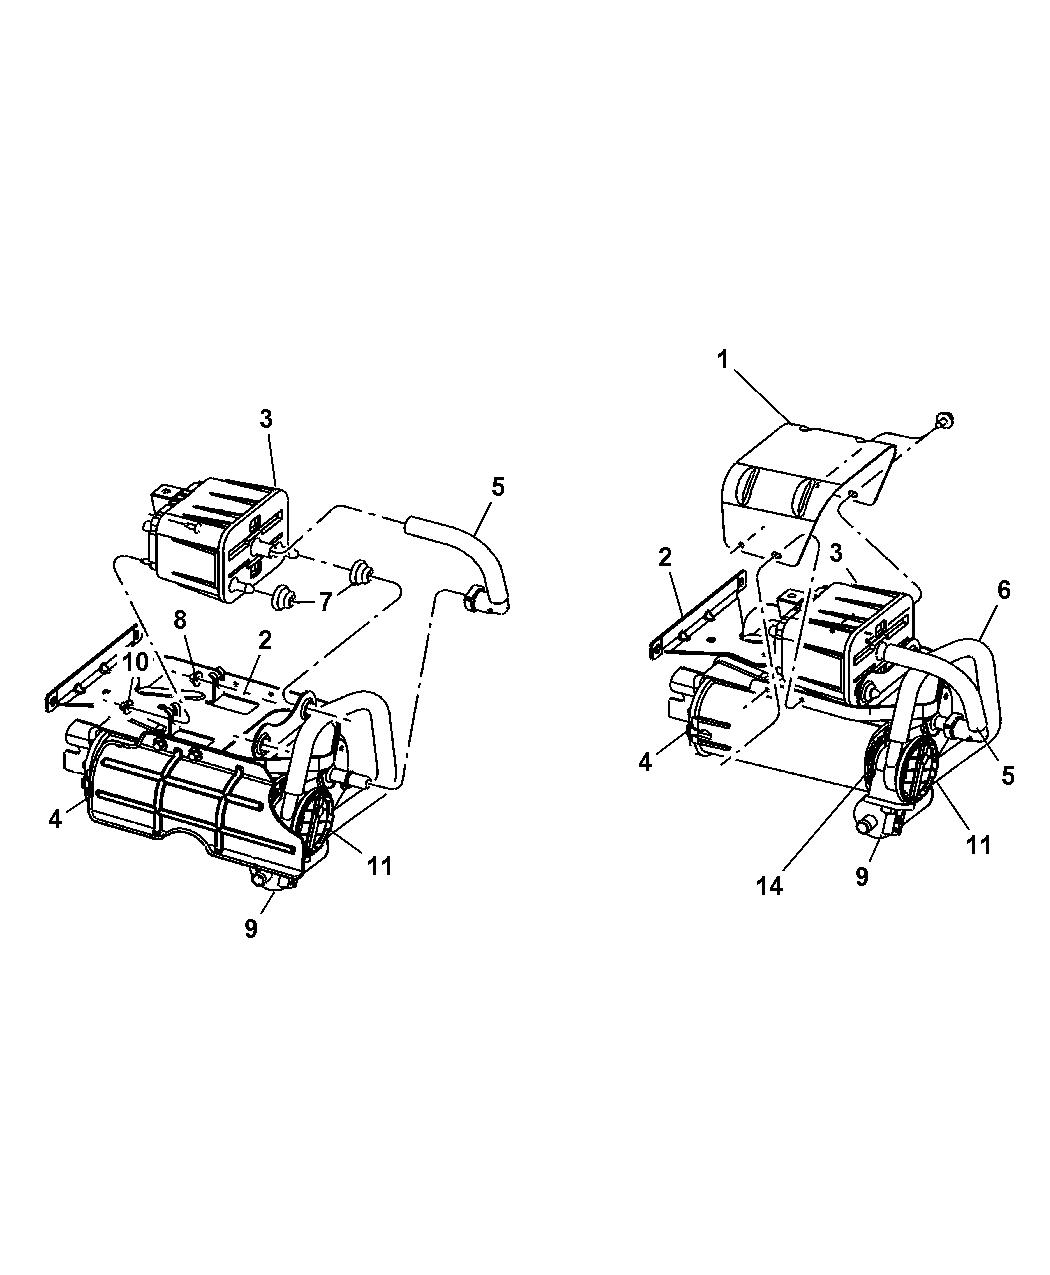 Dodge Ram Vacuum Canister Amp Leak Detection Pump